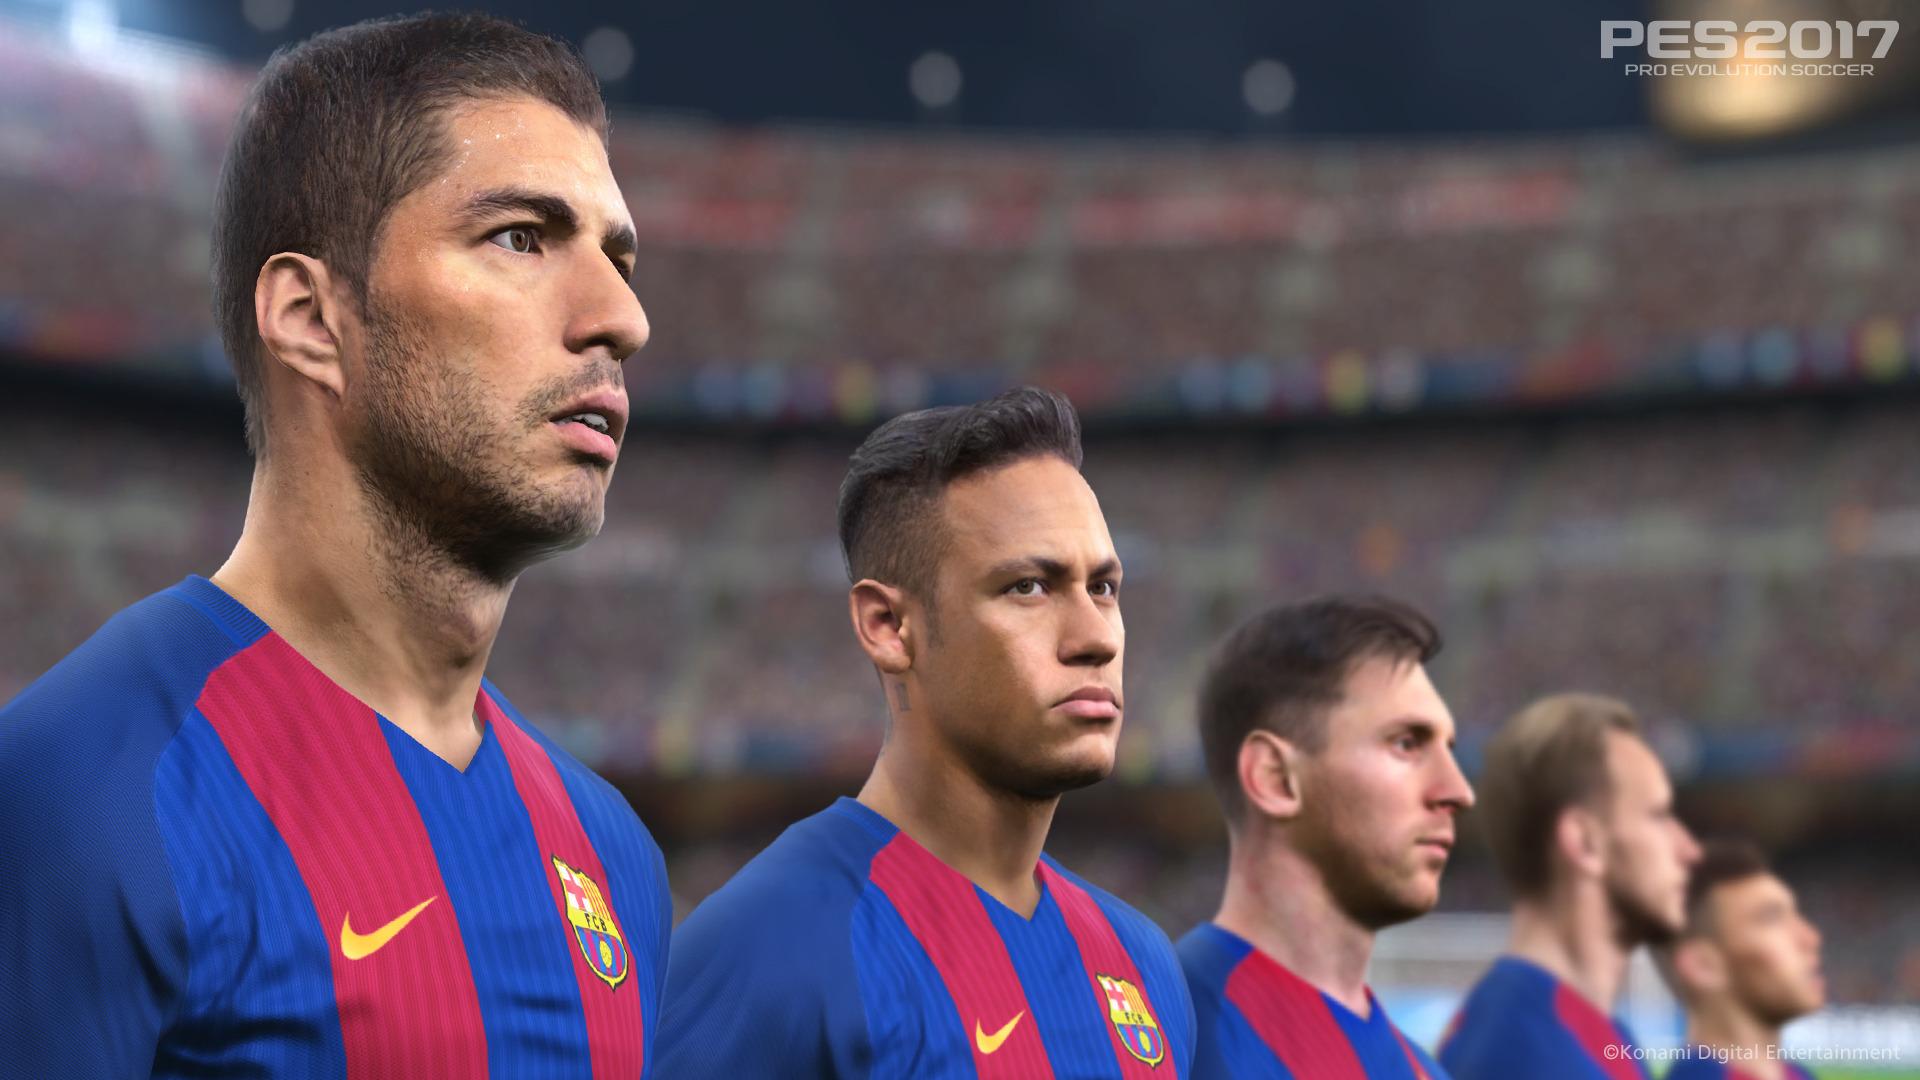 Hráči Barcelony hvězdami PES 2017 127700